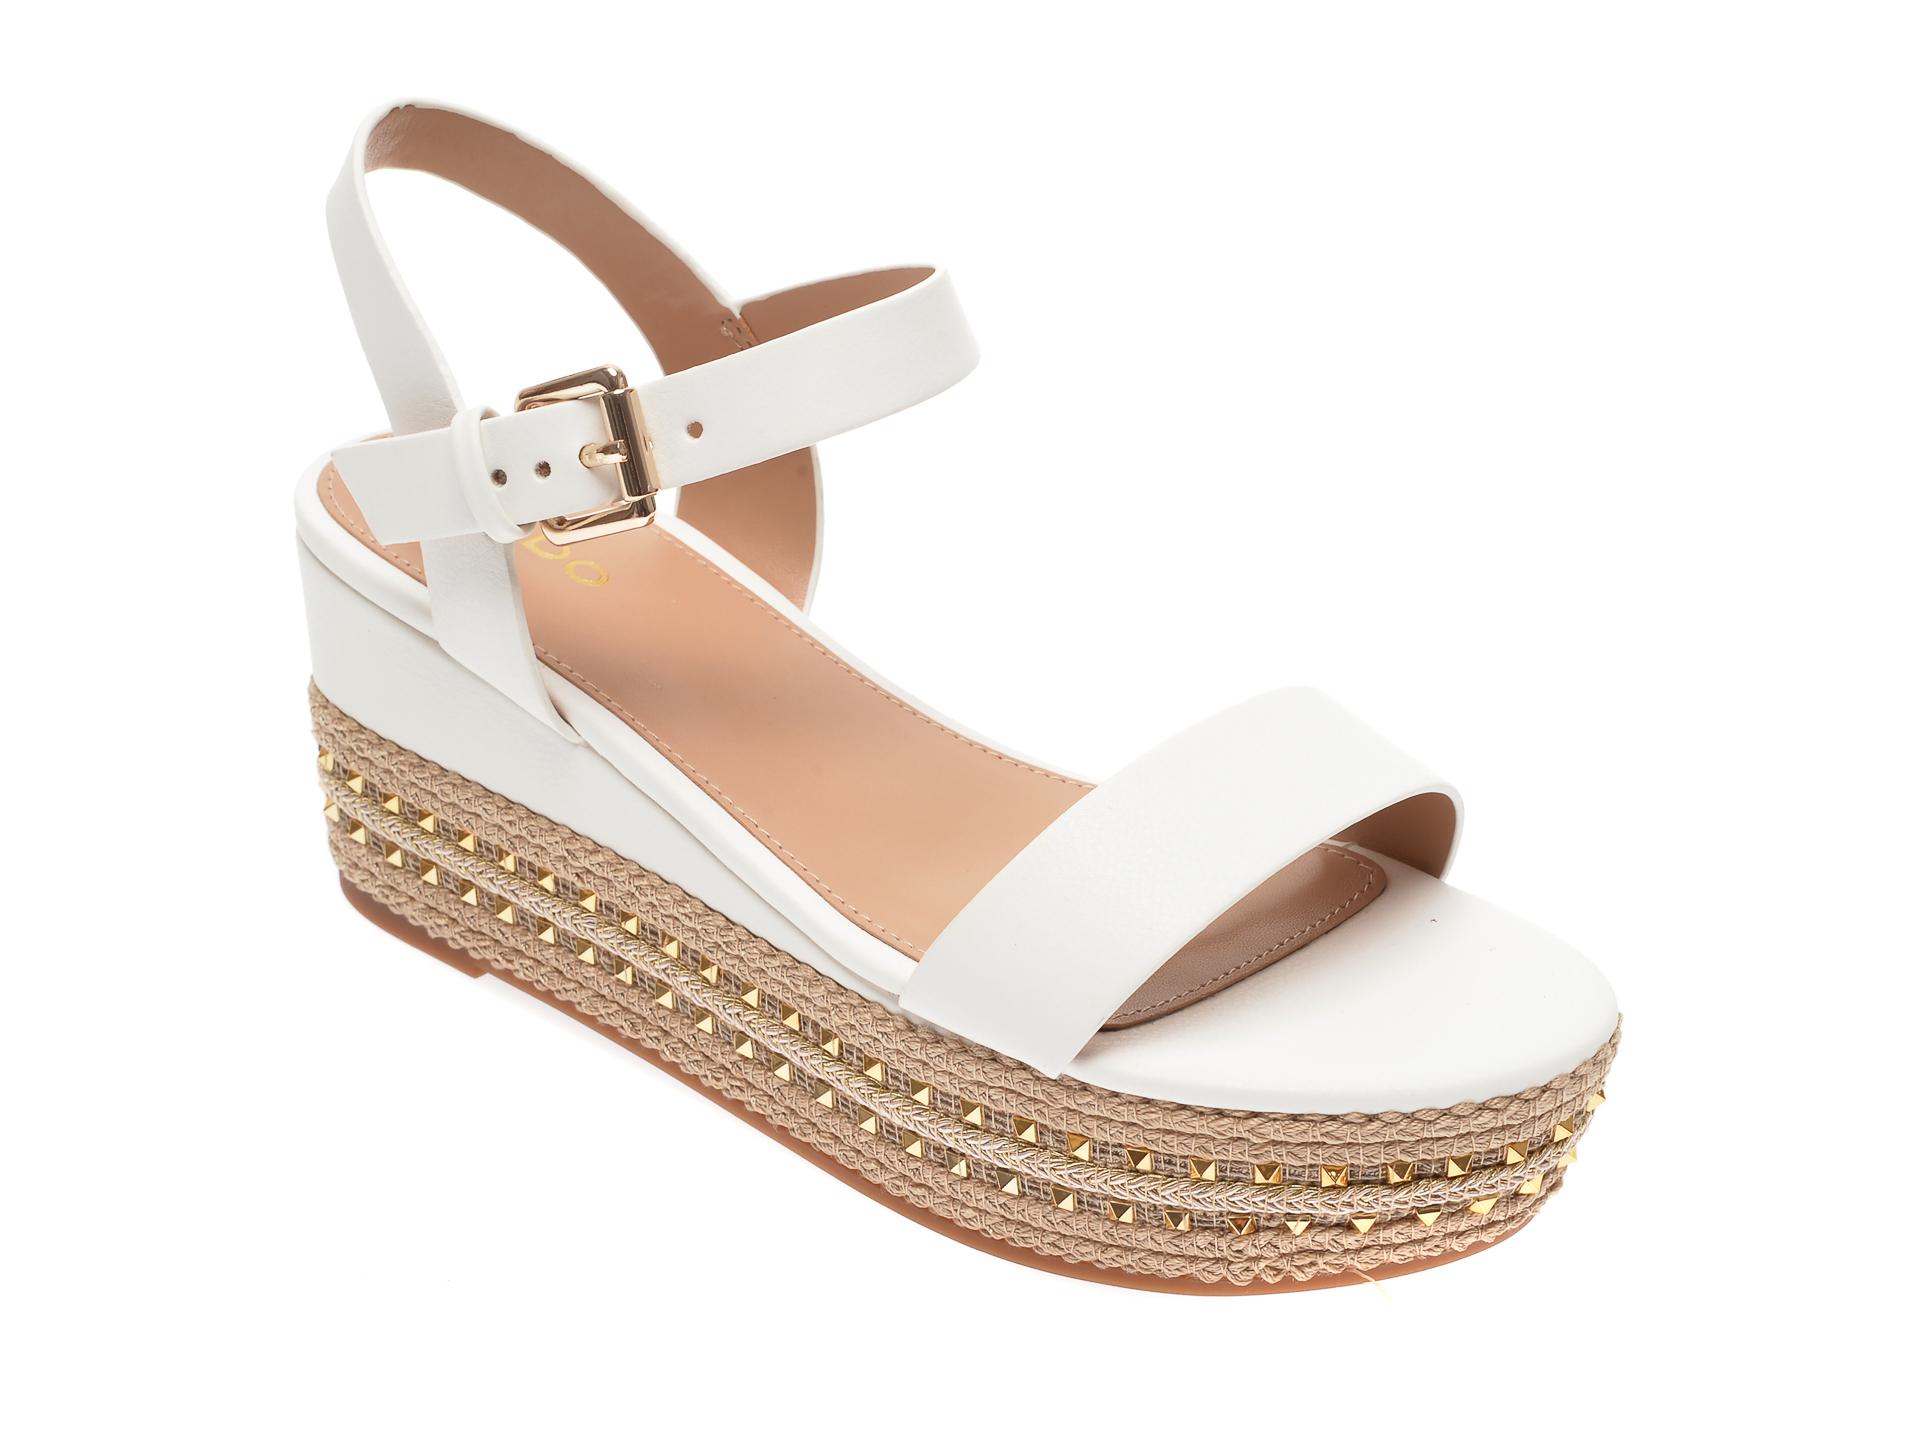 Sandale ALDO albe, Mauma110, din piele ecologica